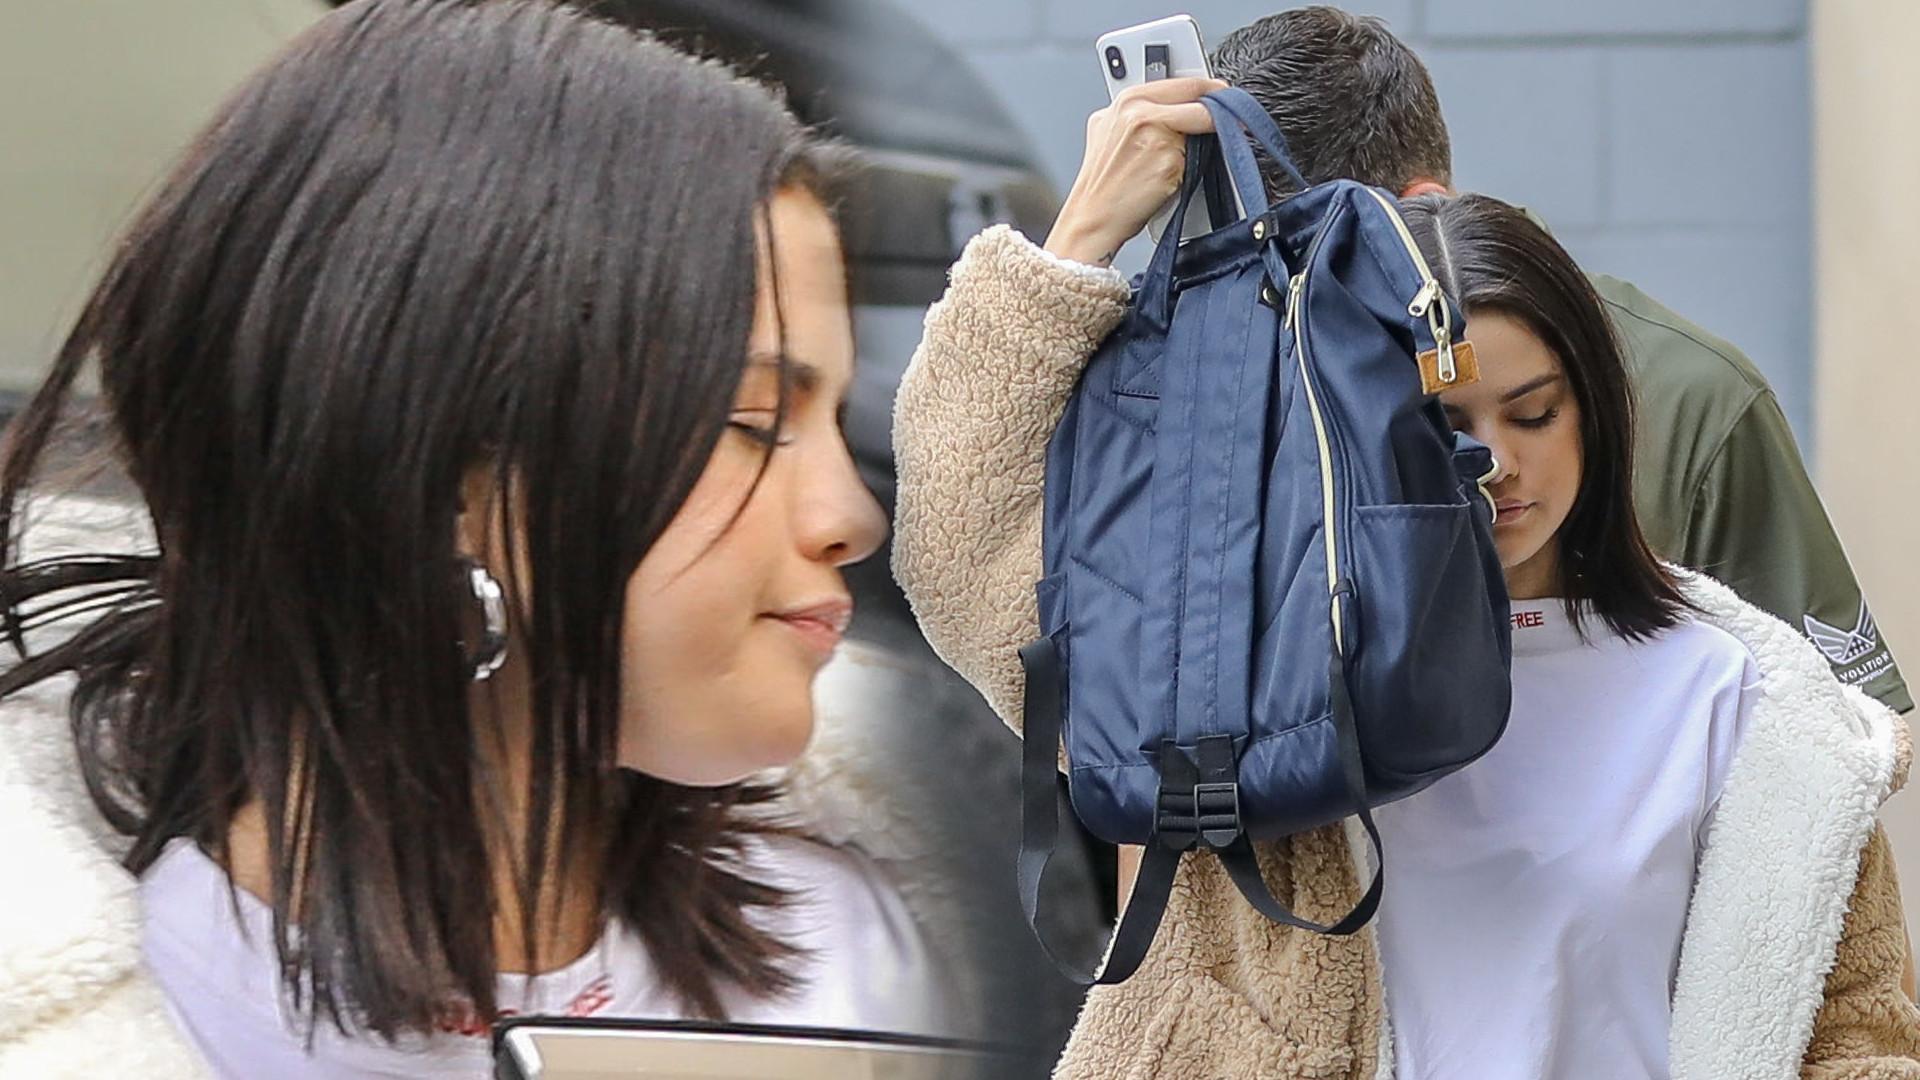 Selena Gomez ma dość bycia podgladaną przez paparazzi (ZDJĘCIA)